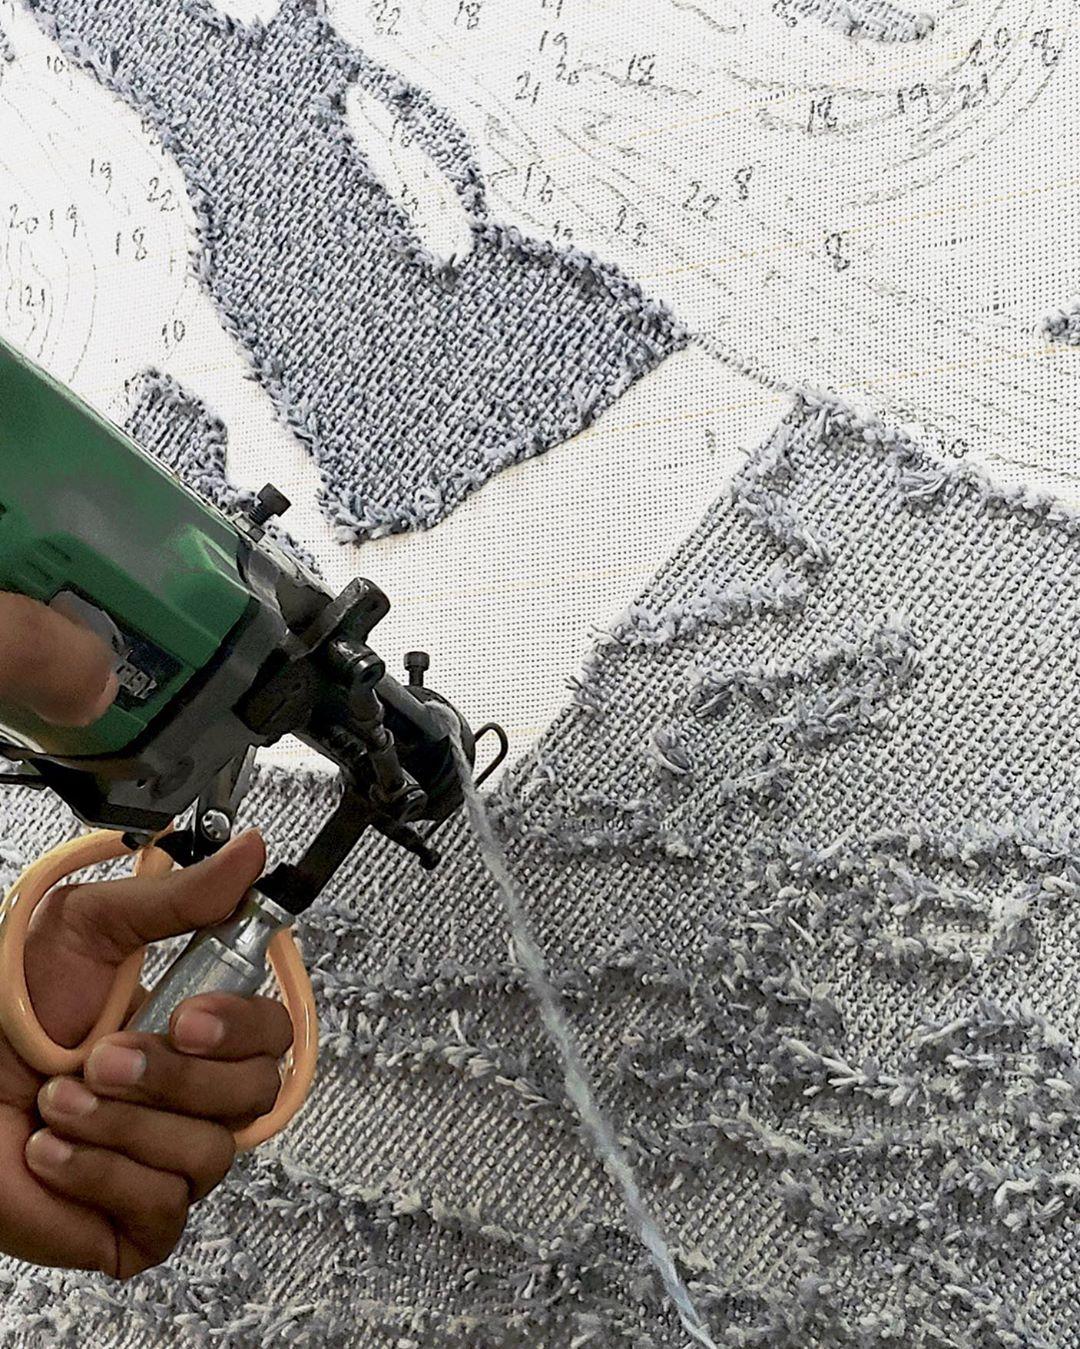 手工枪刺法是将毛线打入绷好的布面,在修剪毛线,在地毯的背面会有一层底布与胶黏合。